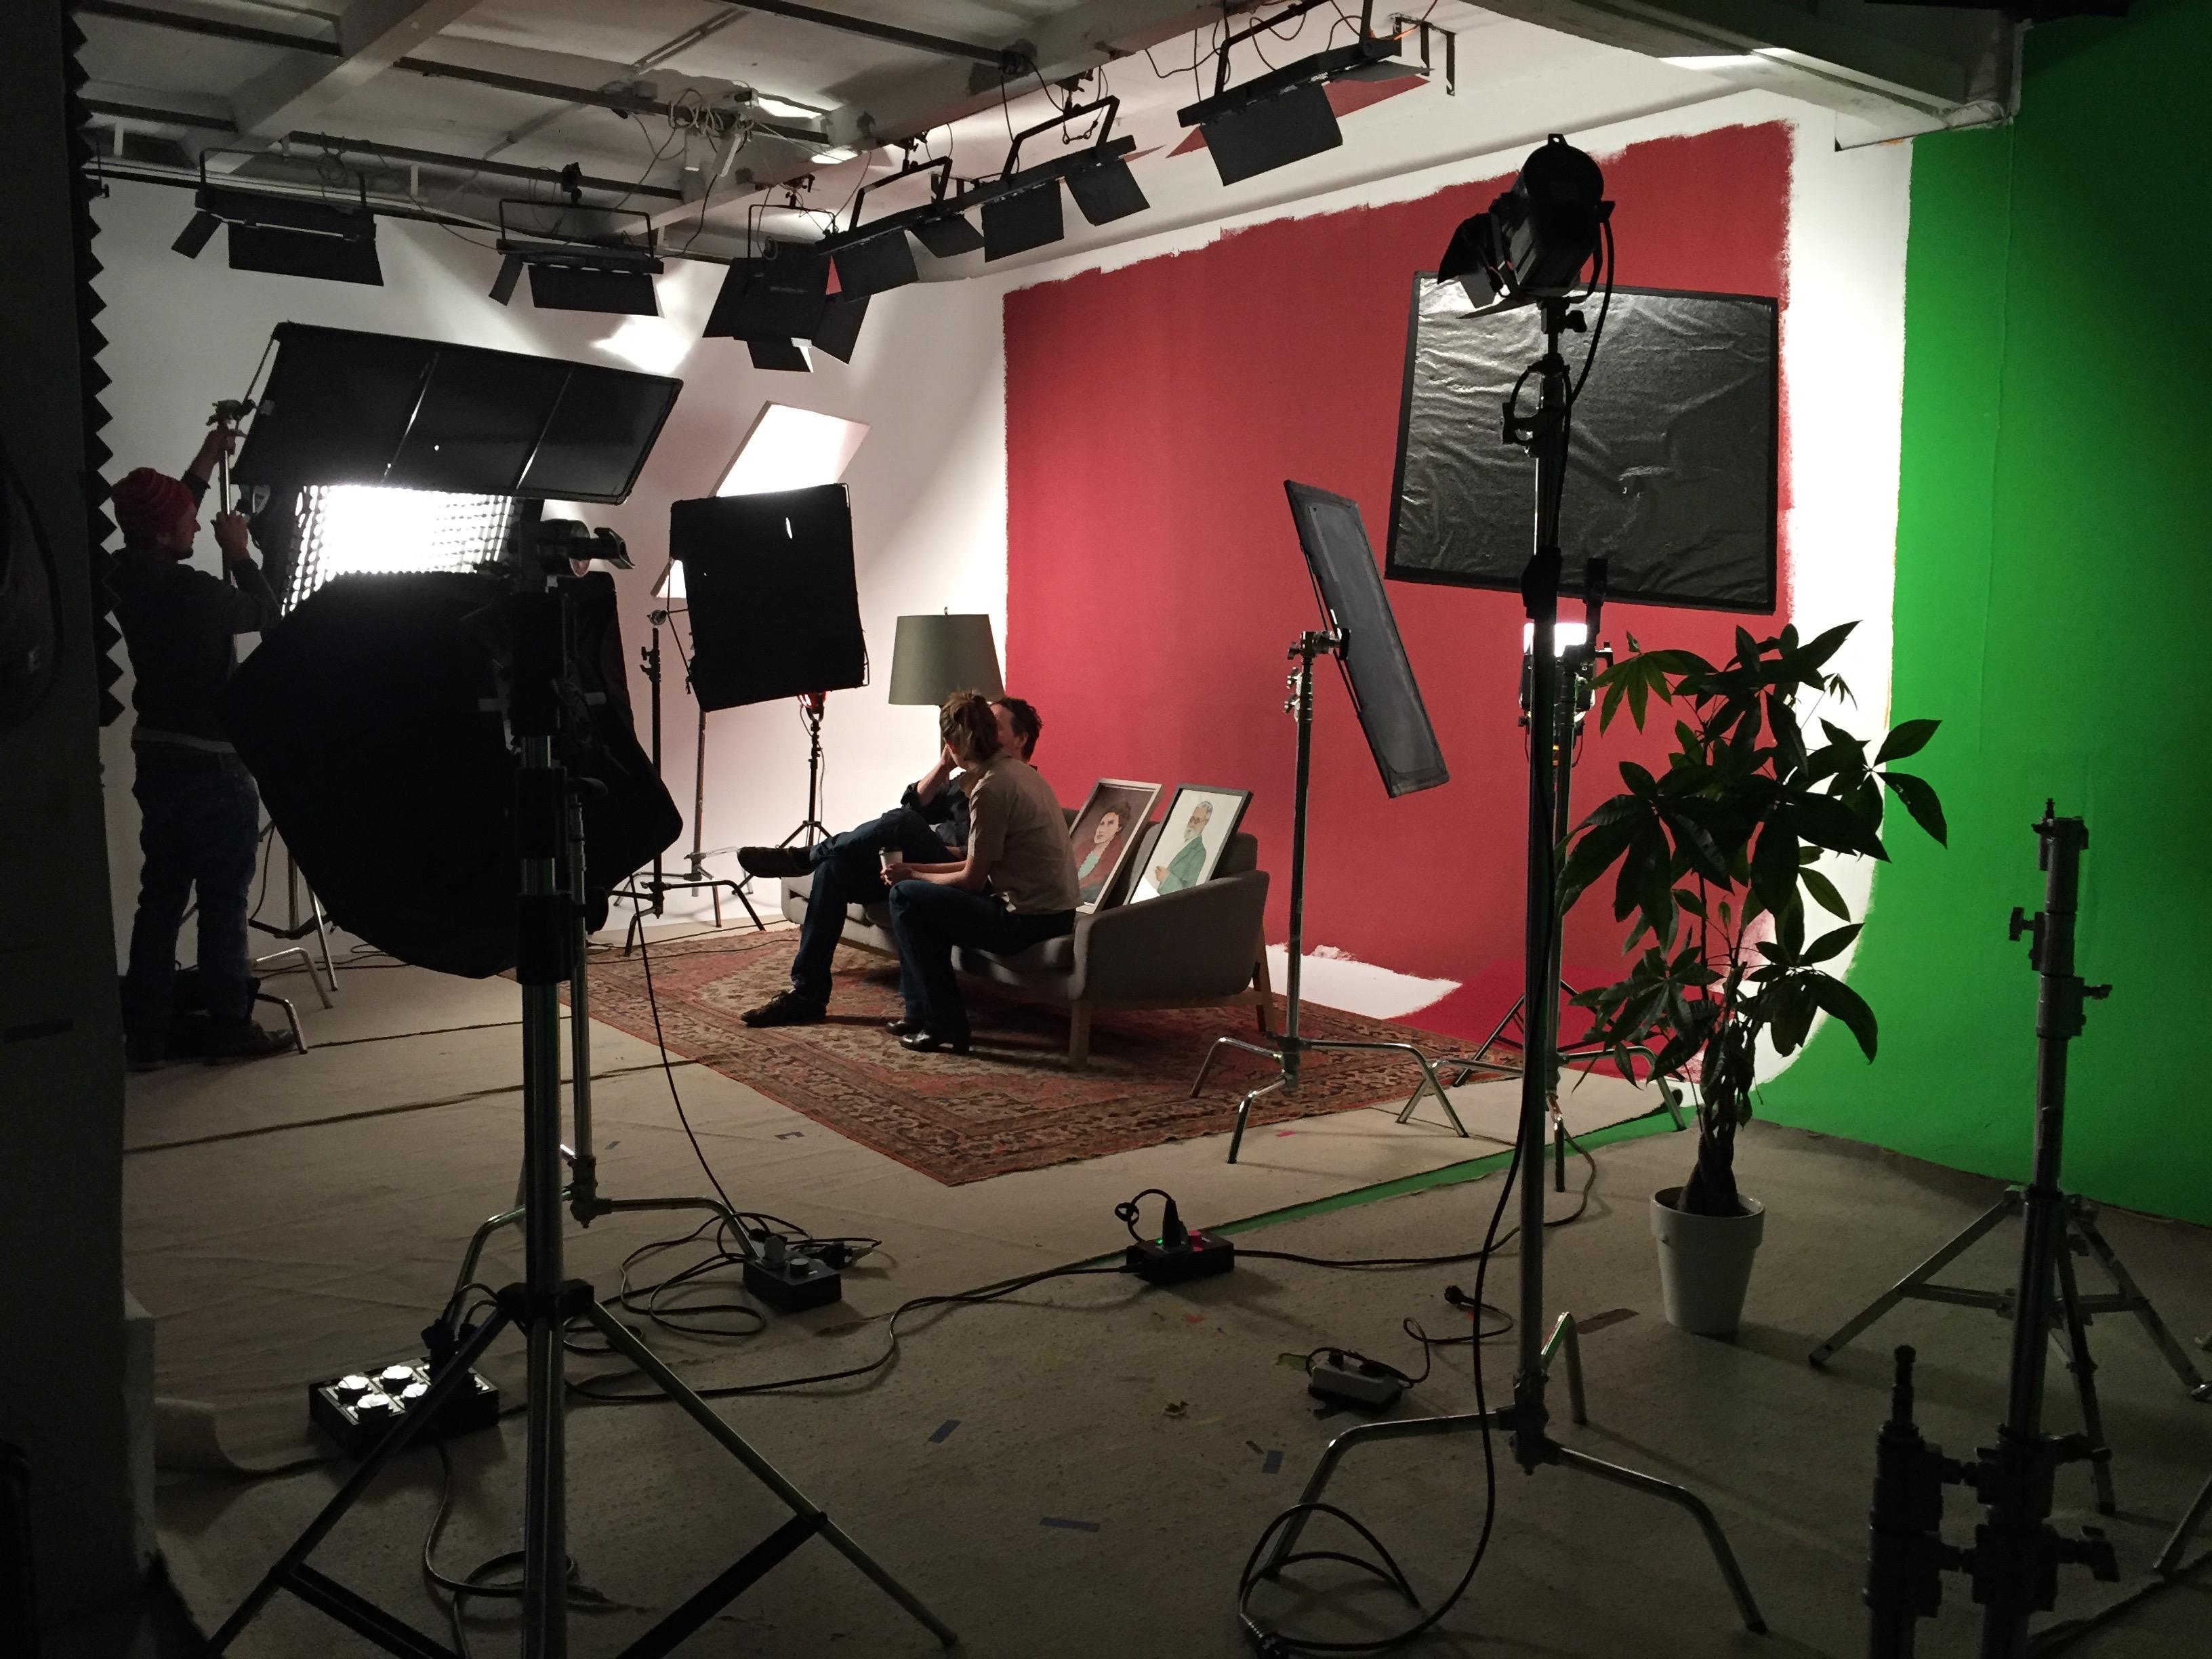 das mietstudio in berlin fotostudio und filmstudio mieten in berlin. Black Bedroom Furniture Sets. Home Design Ideas